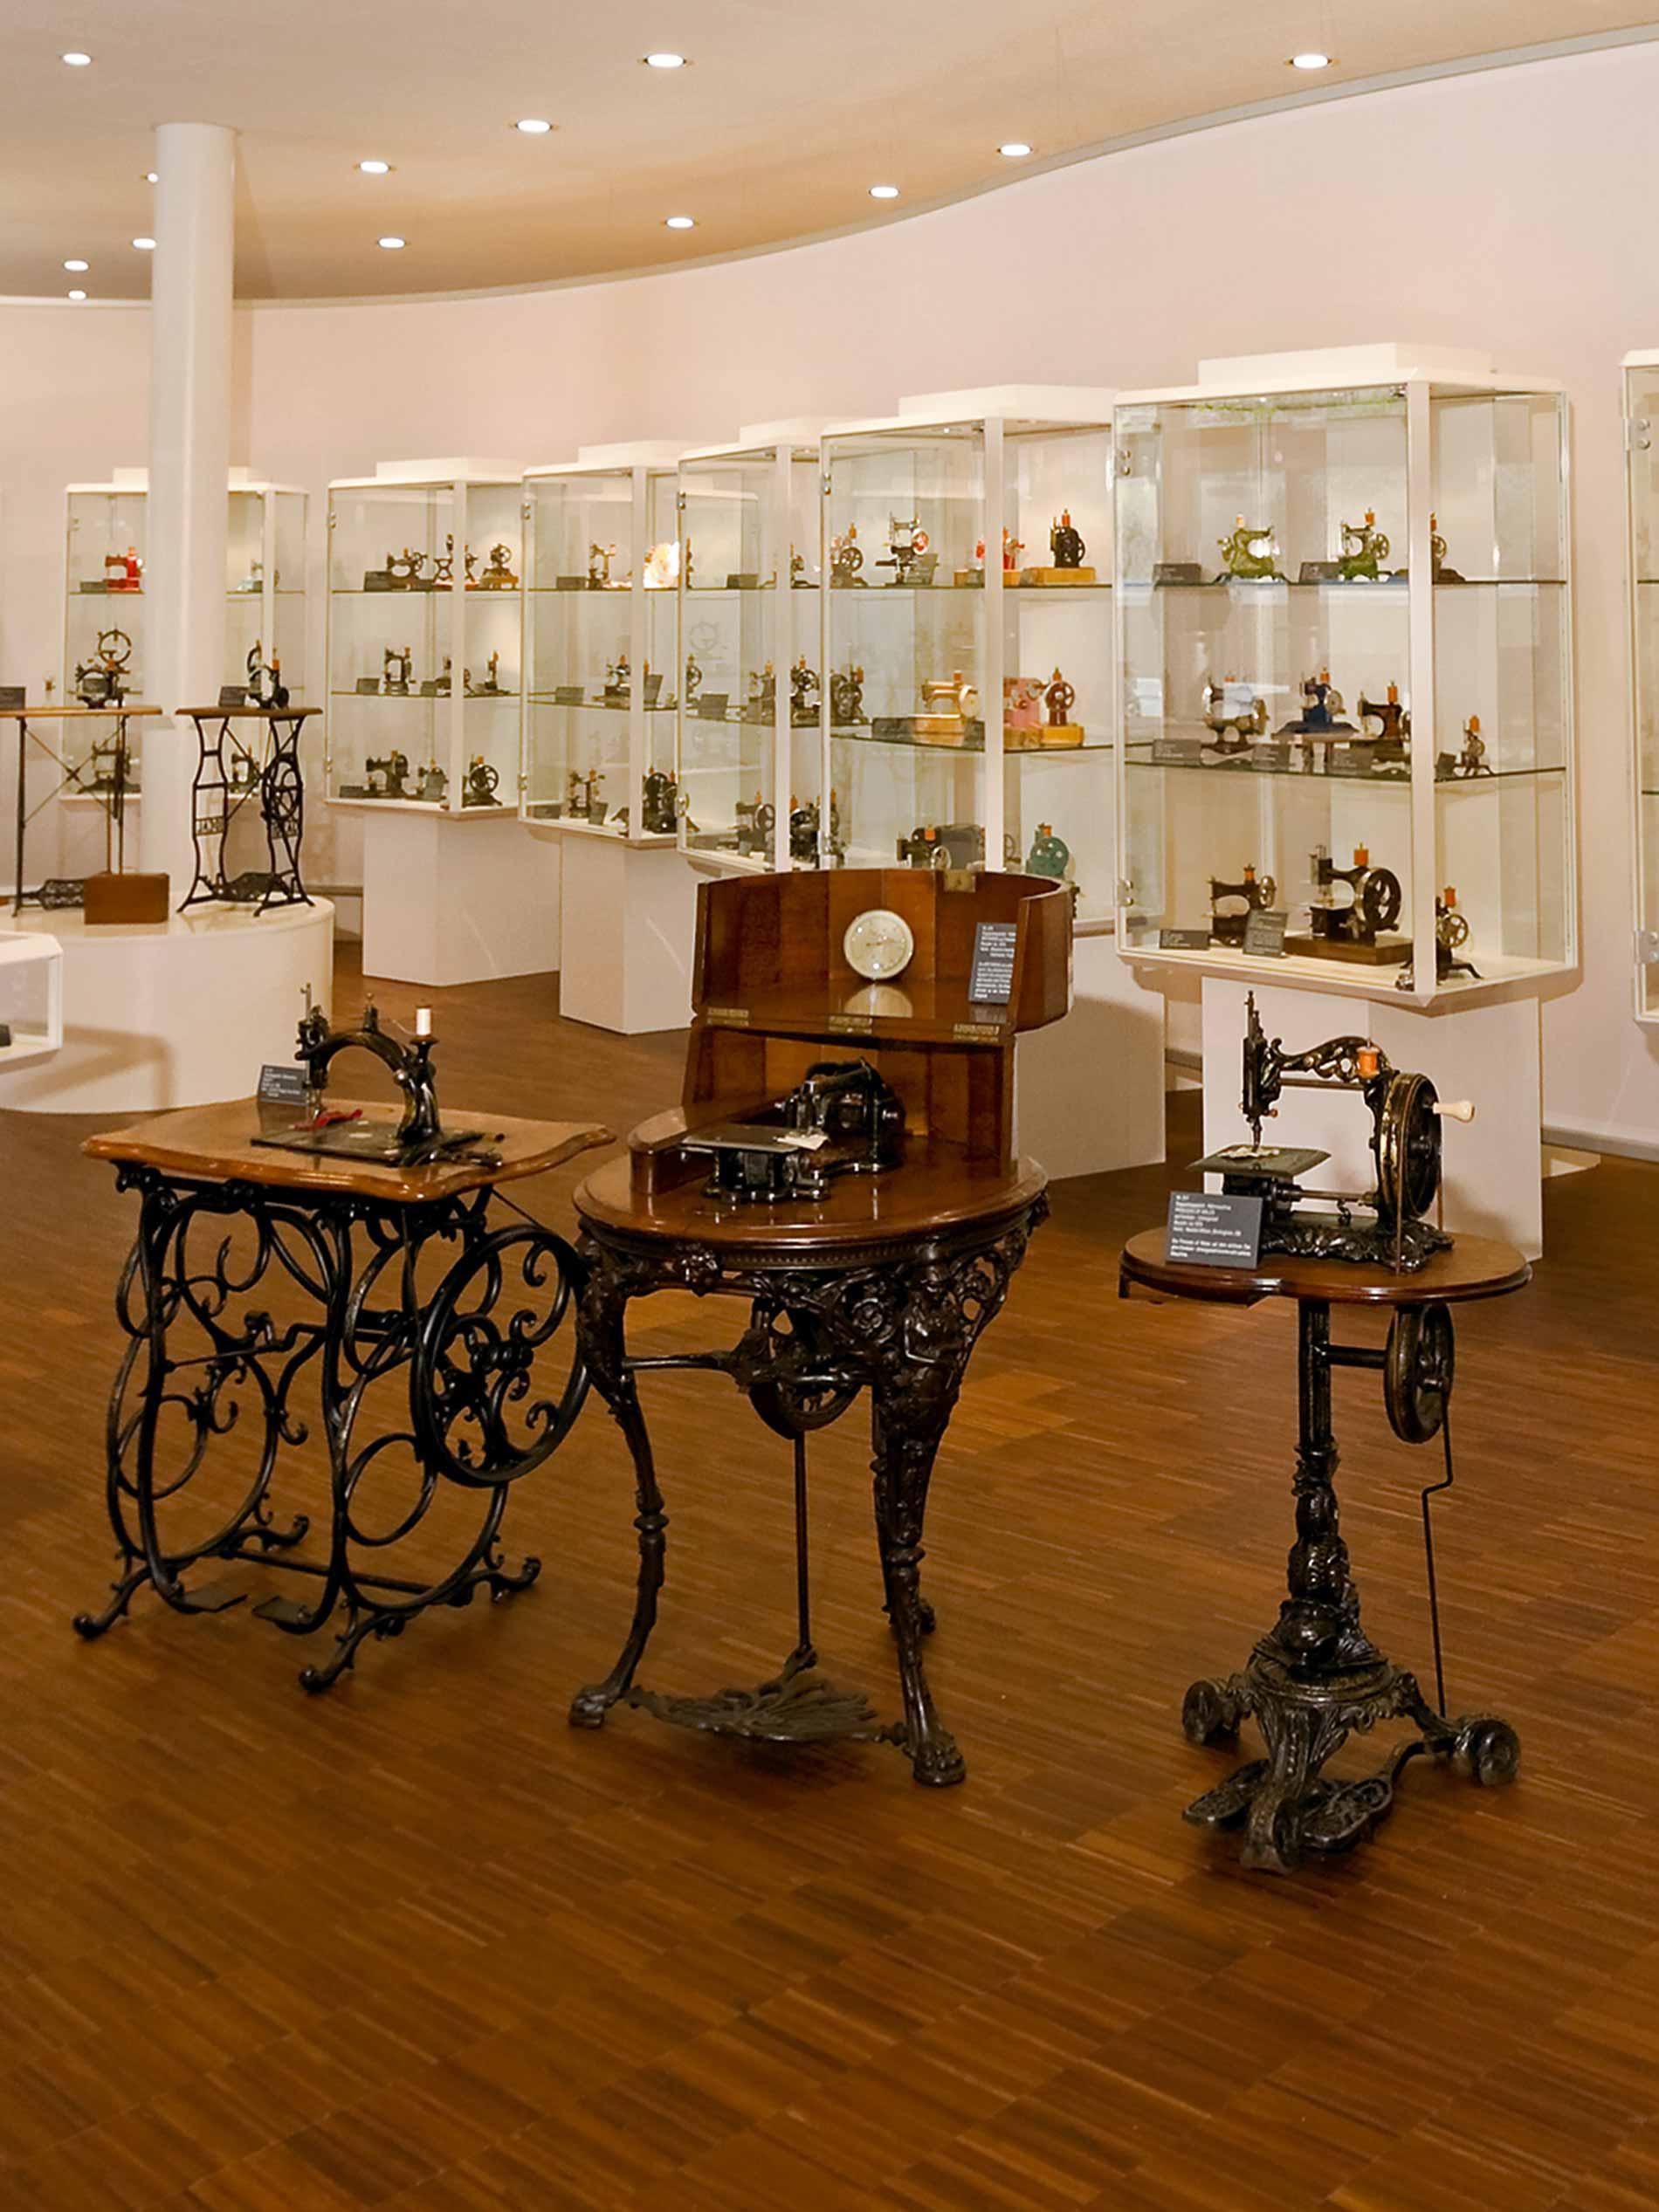 Einblick in das Nähmaschinenmuseum mit drei Standnähmaschinen und Vitrinen im Hintergrund   mey®